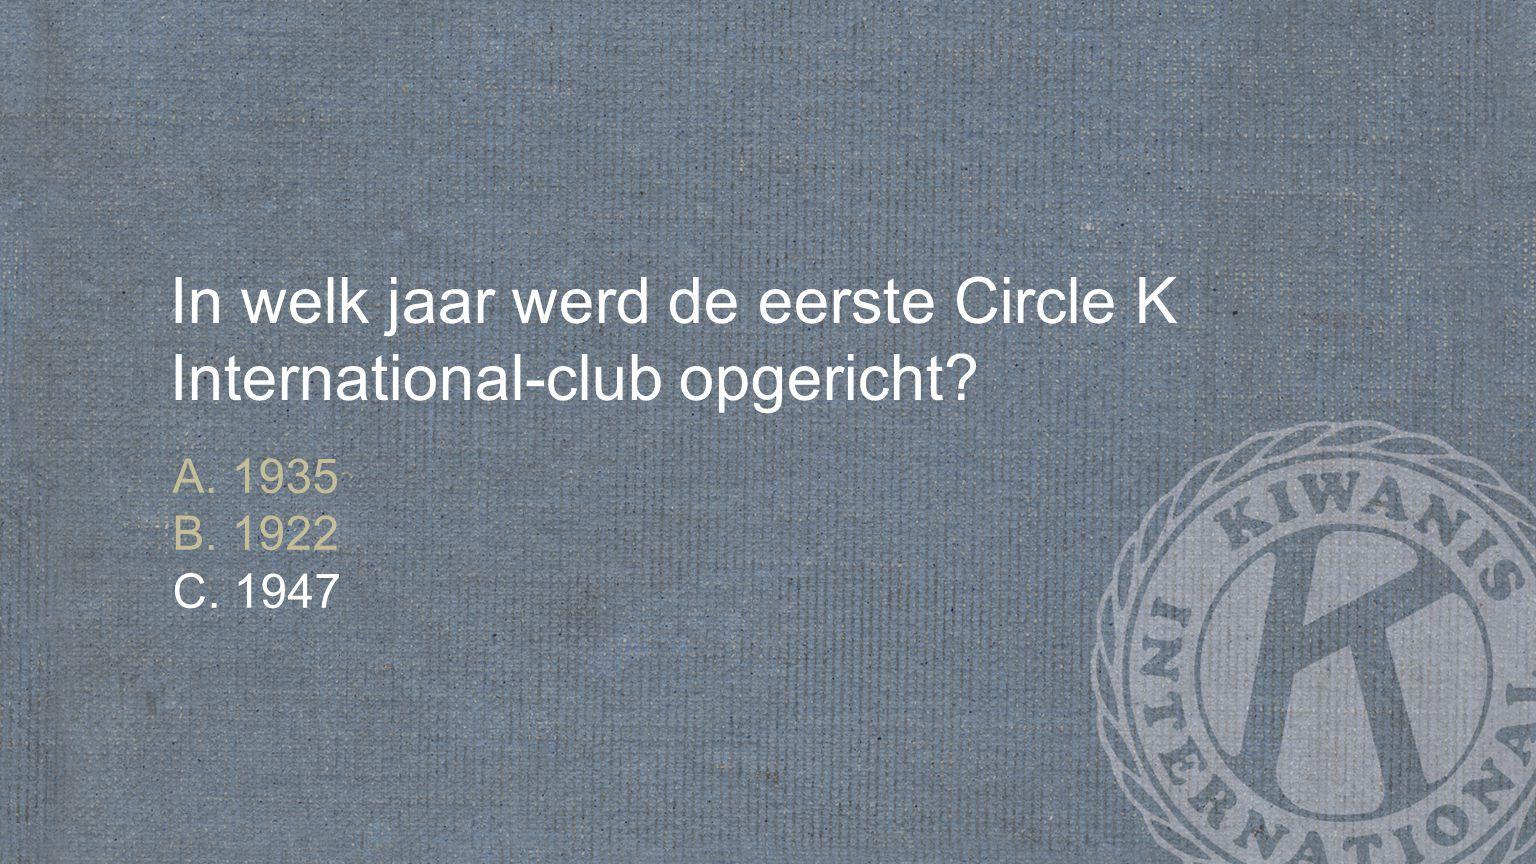 In welk jaar werd de eerste Circle K International-club opgericht? A. 1935 B. 1922 C. 1947